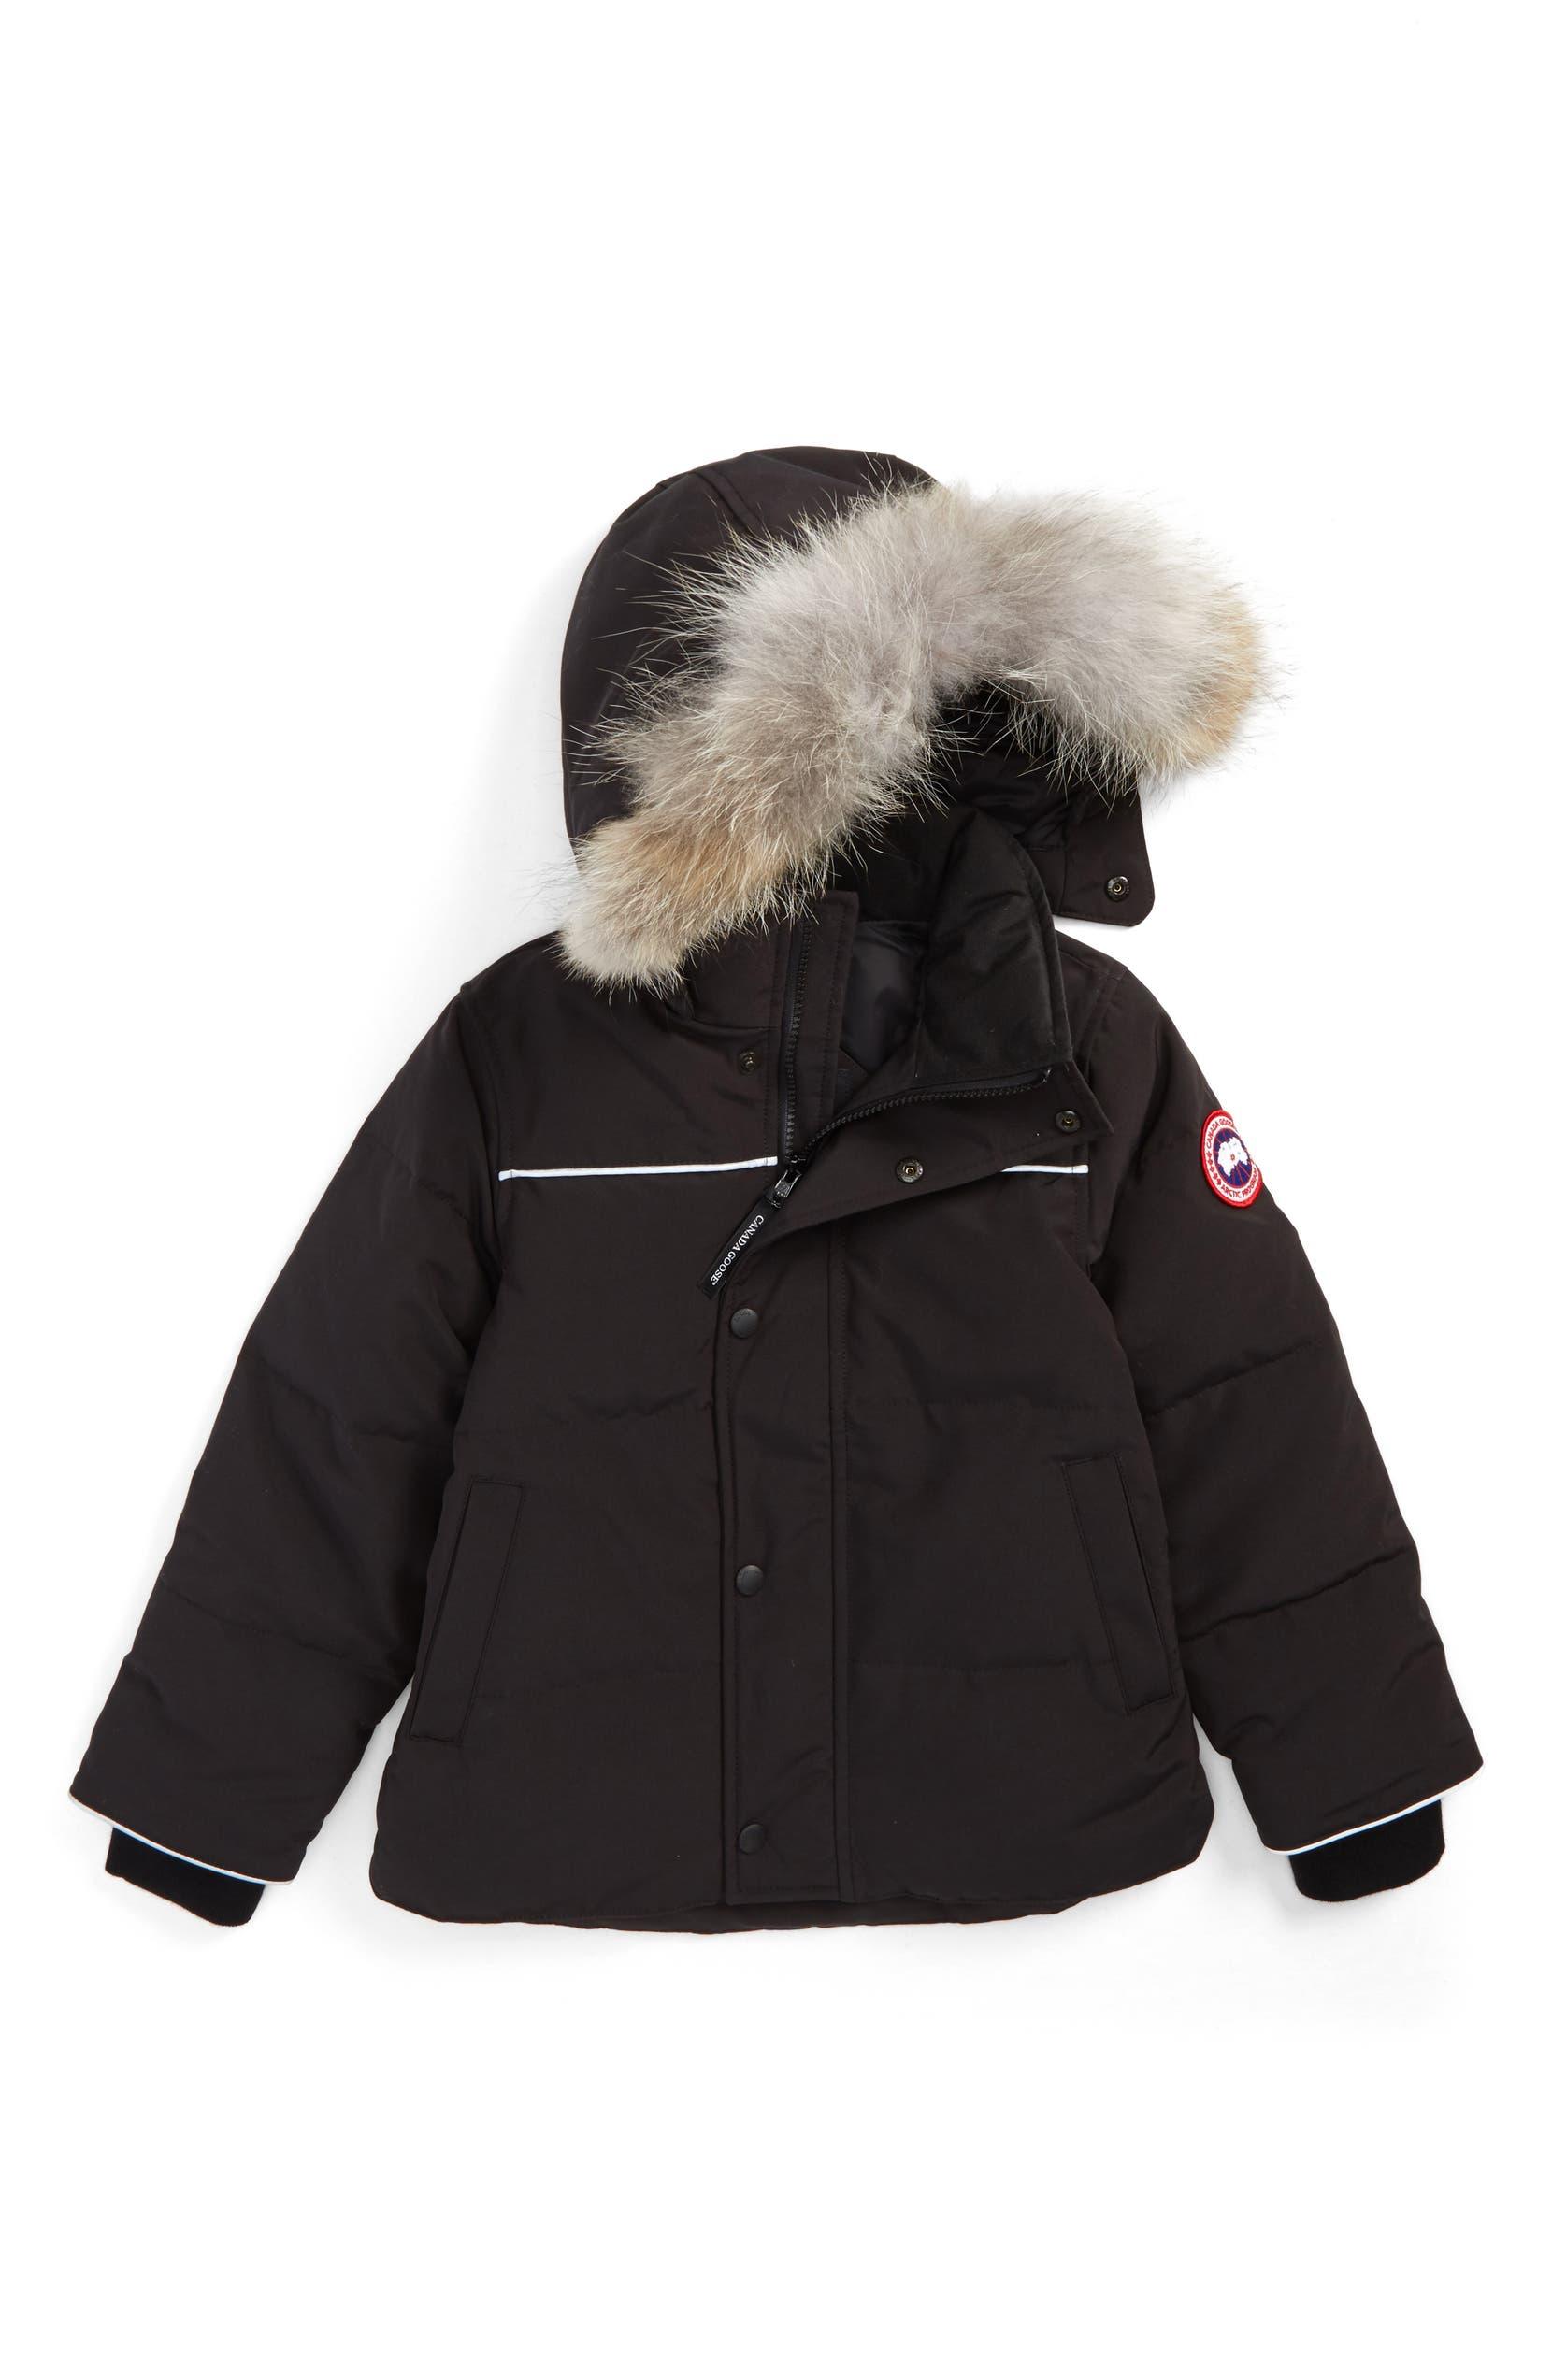 3ab00fc6bdaf Canada Goose Snowy Owl Down Parka with Genuine Coyote Fur Trim ...